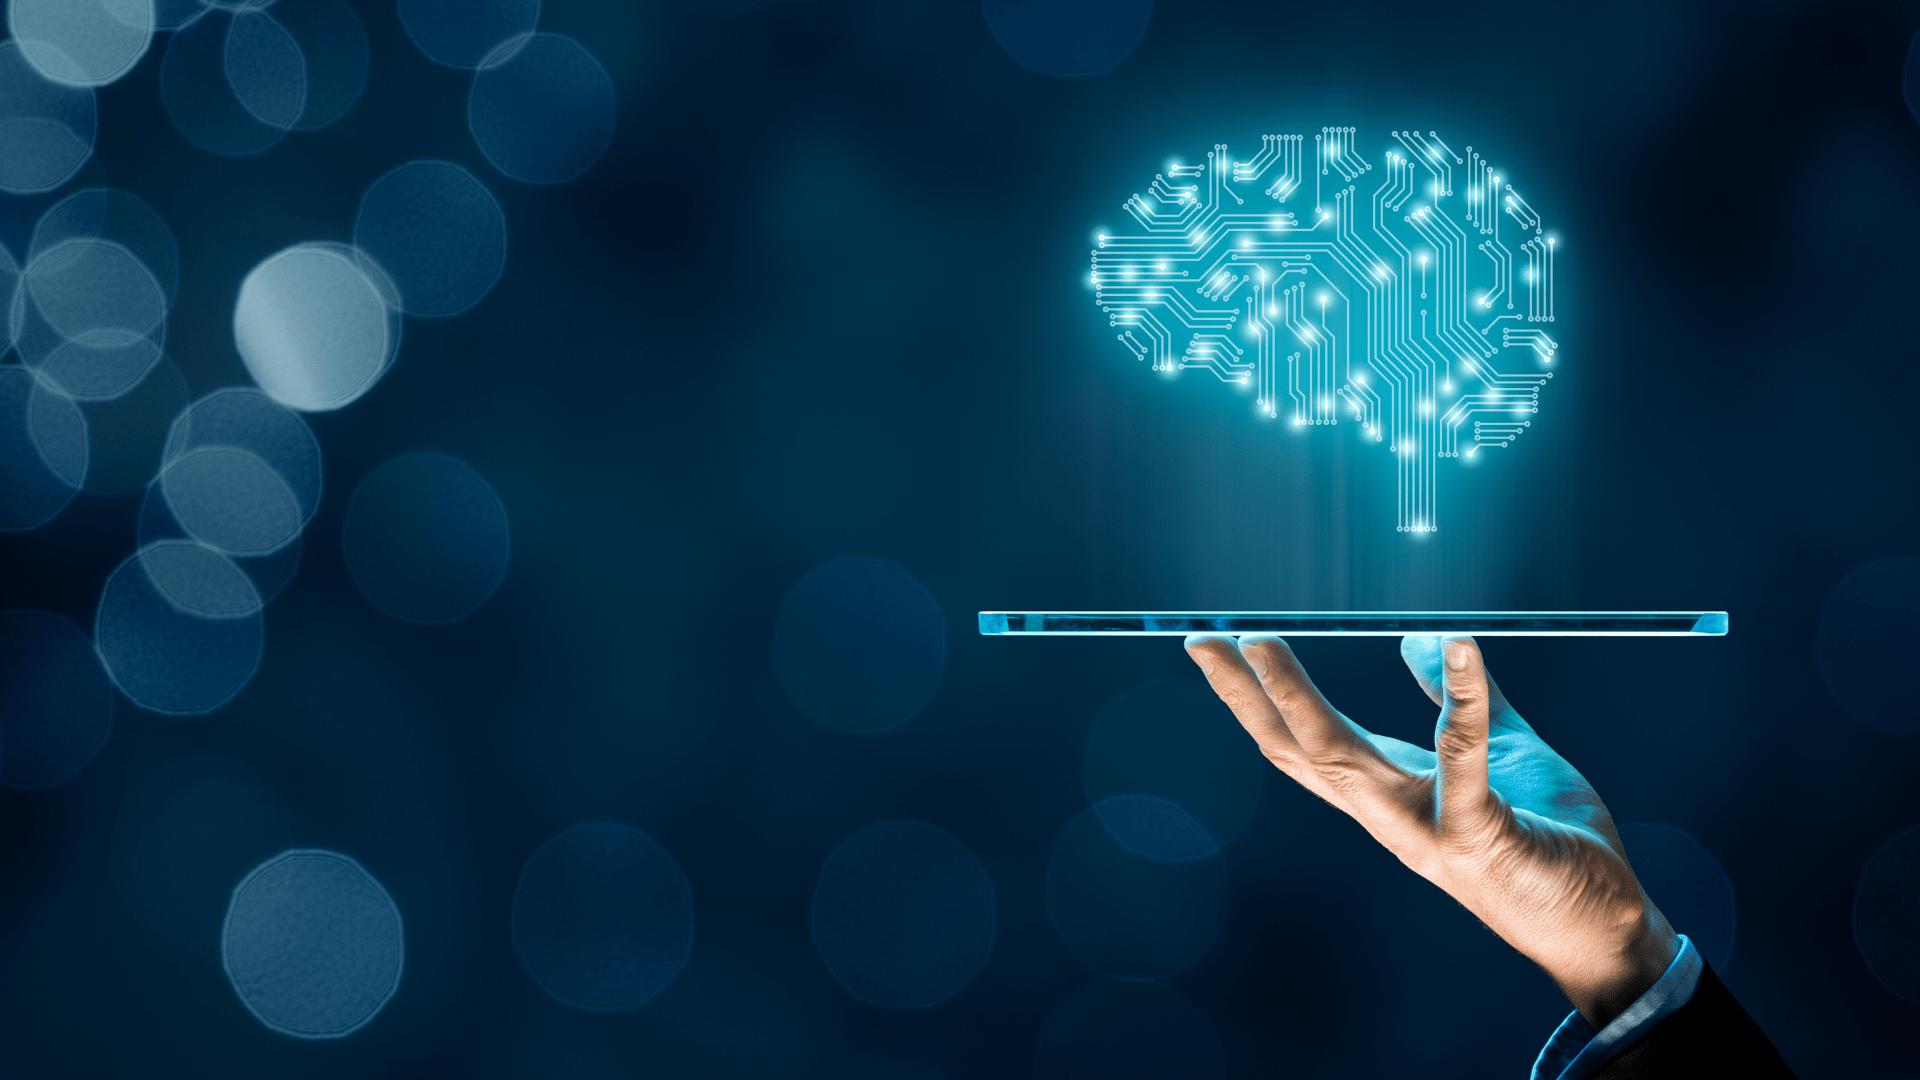 Använda AI för kundanpassning